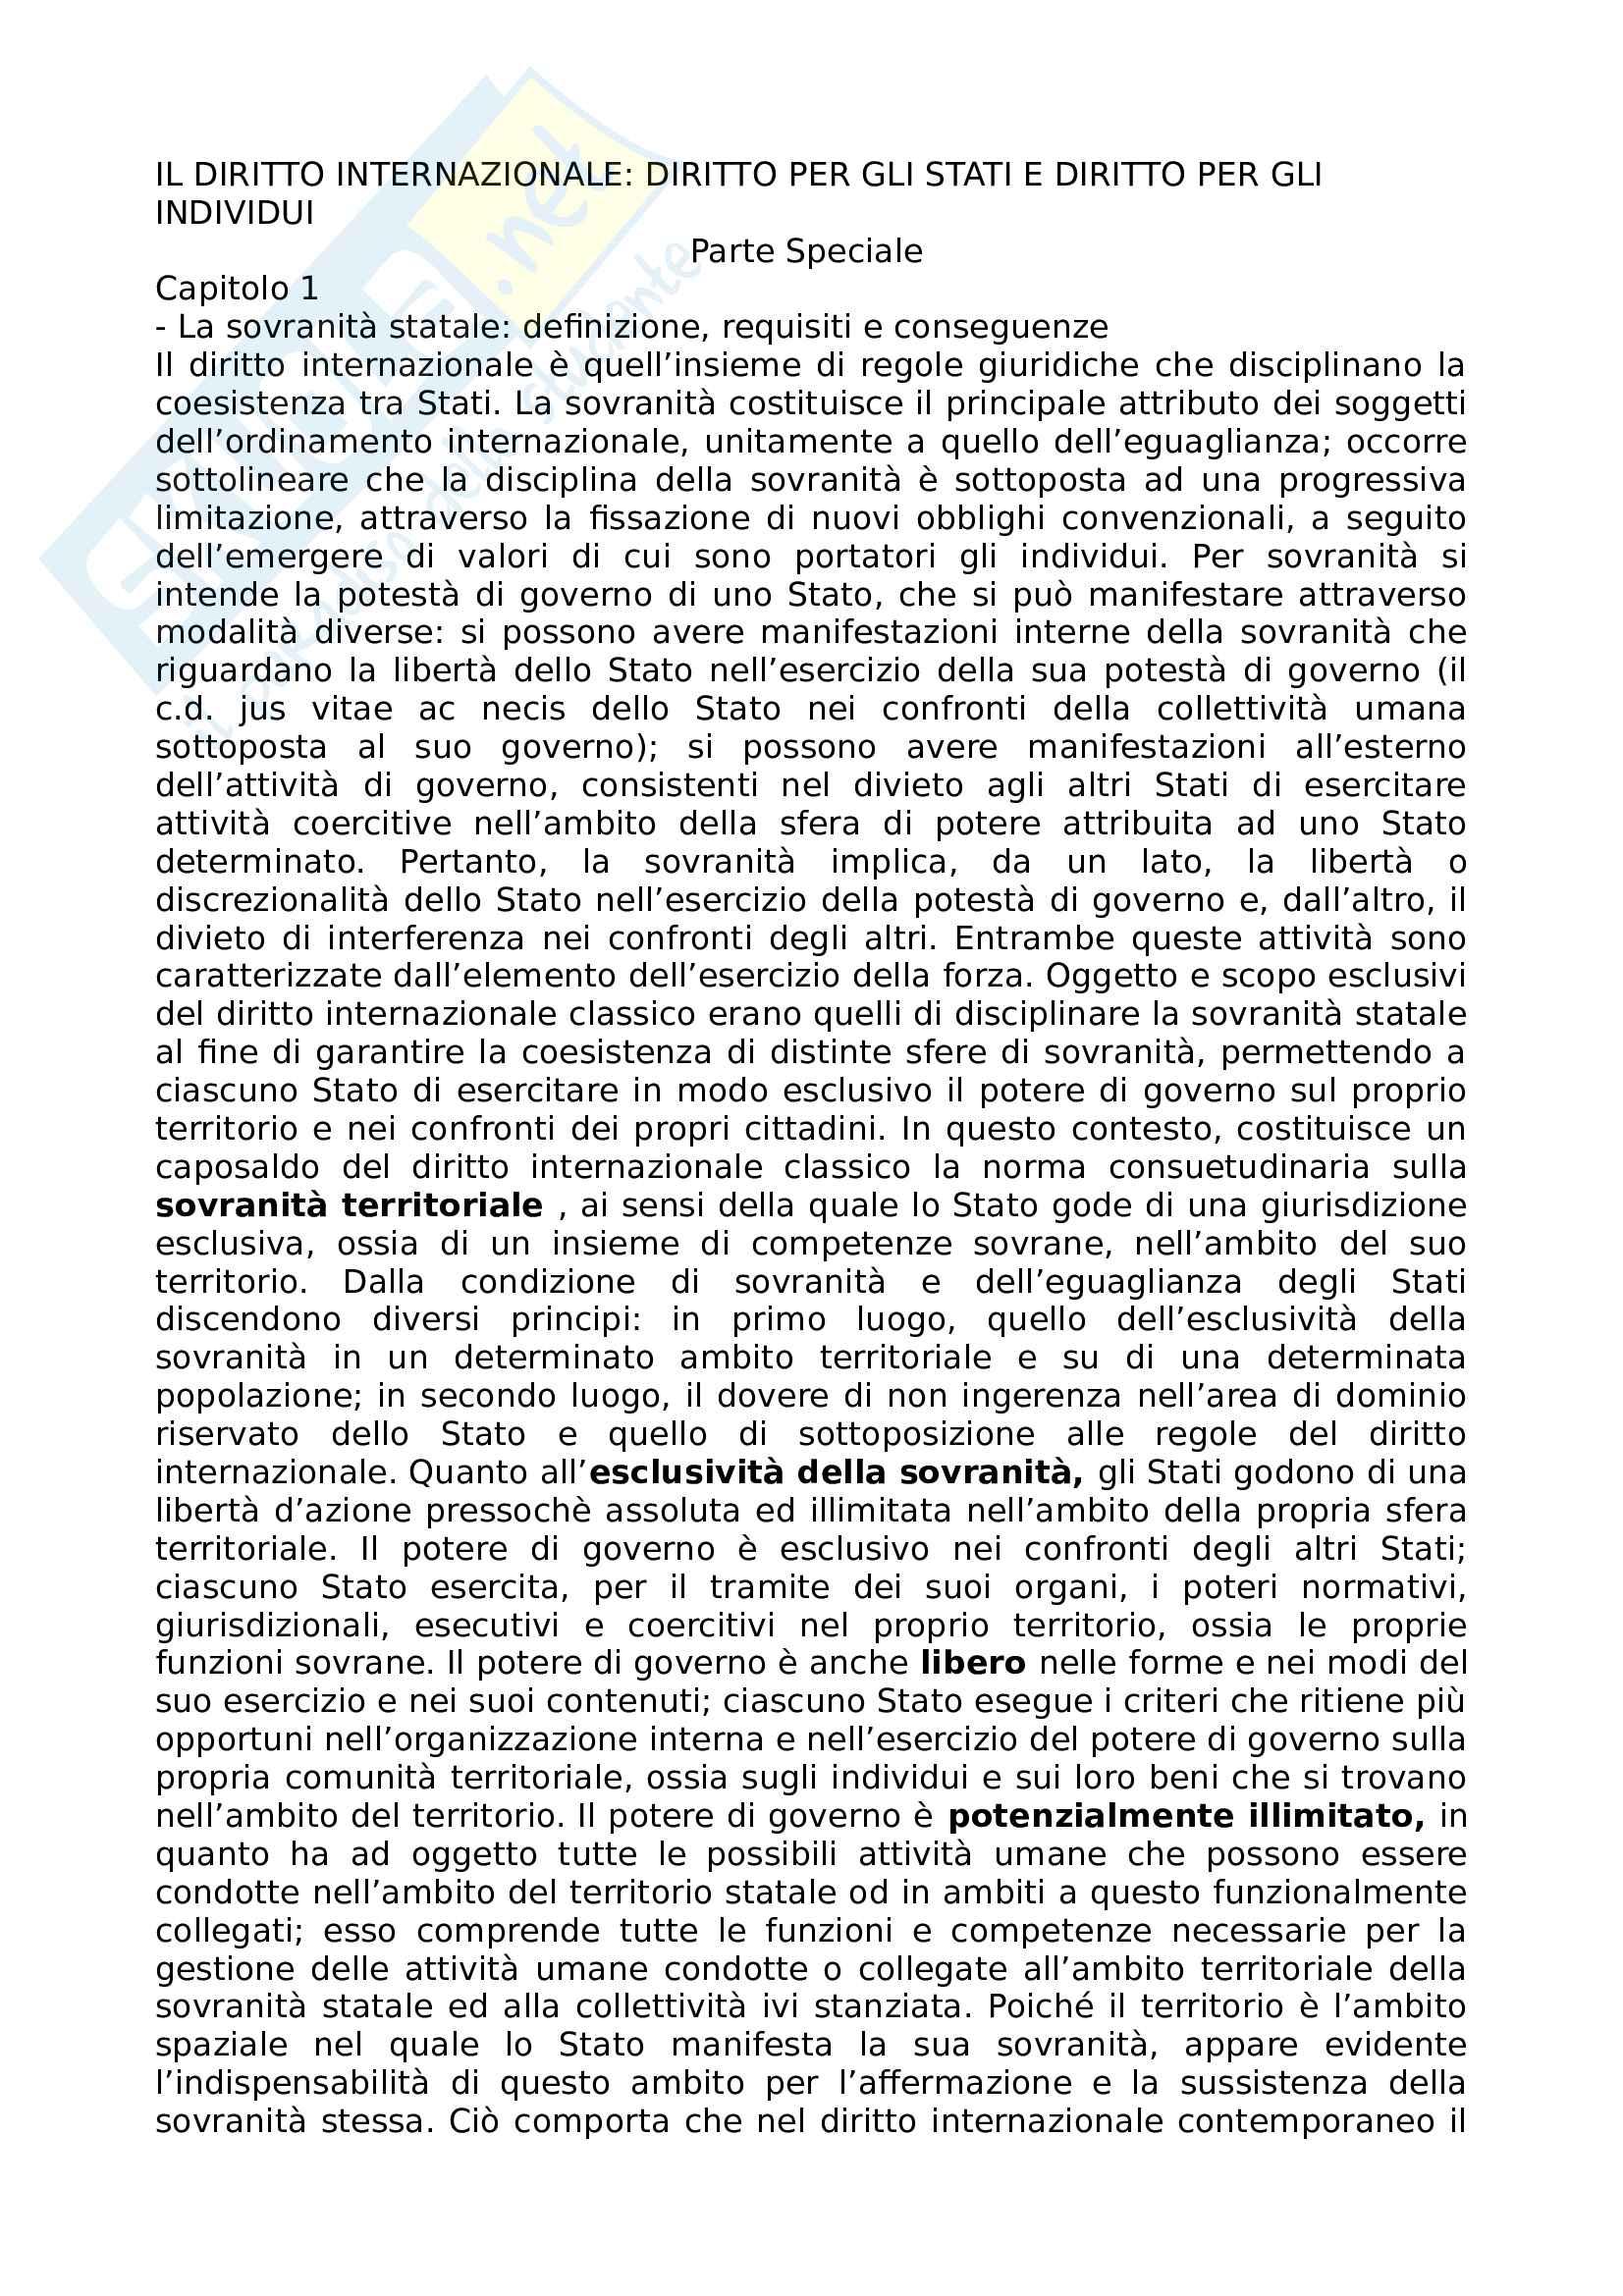 Riassunto esame Diritto Internazionale, prof Vassalli, libro consigliato: Il diritto internazionale: diritto per gli Stati e diritto per gli individui. Parti speciali